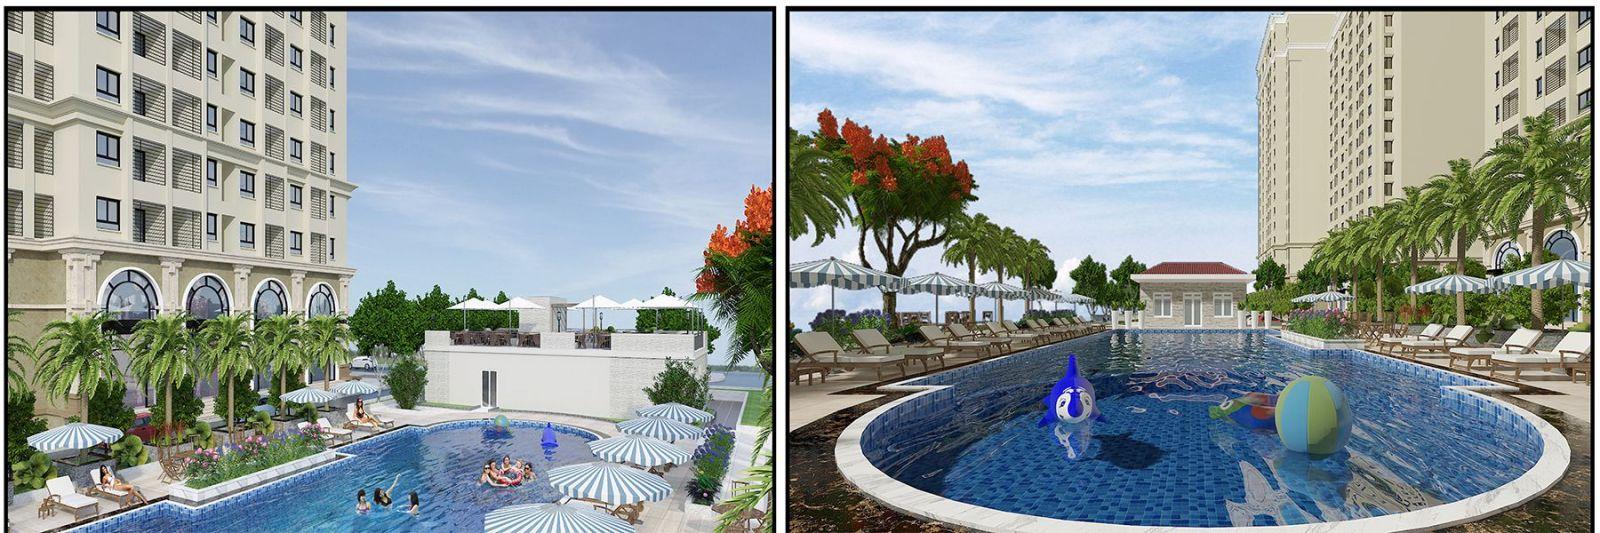 Tiện ích bể bơi ngoài trời tại dự án Ruby CT3 Long Biên